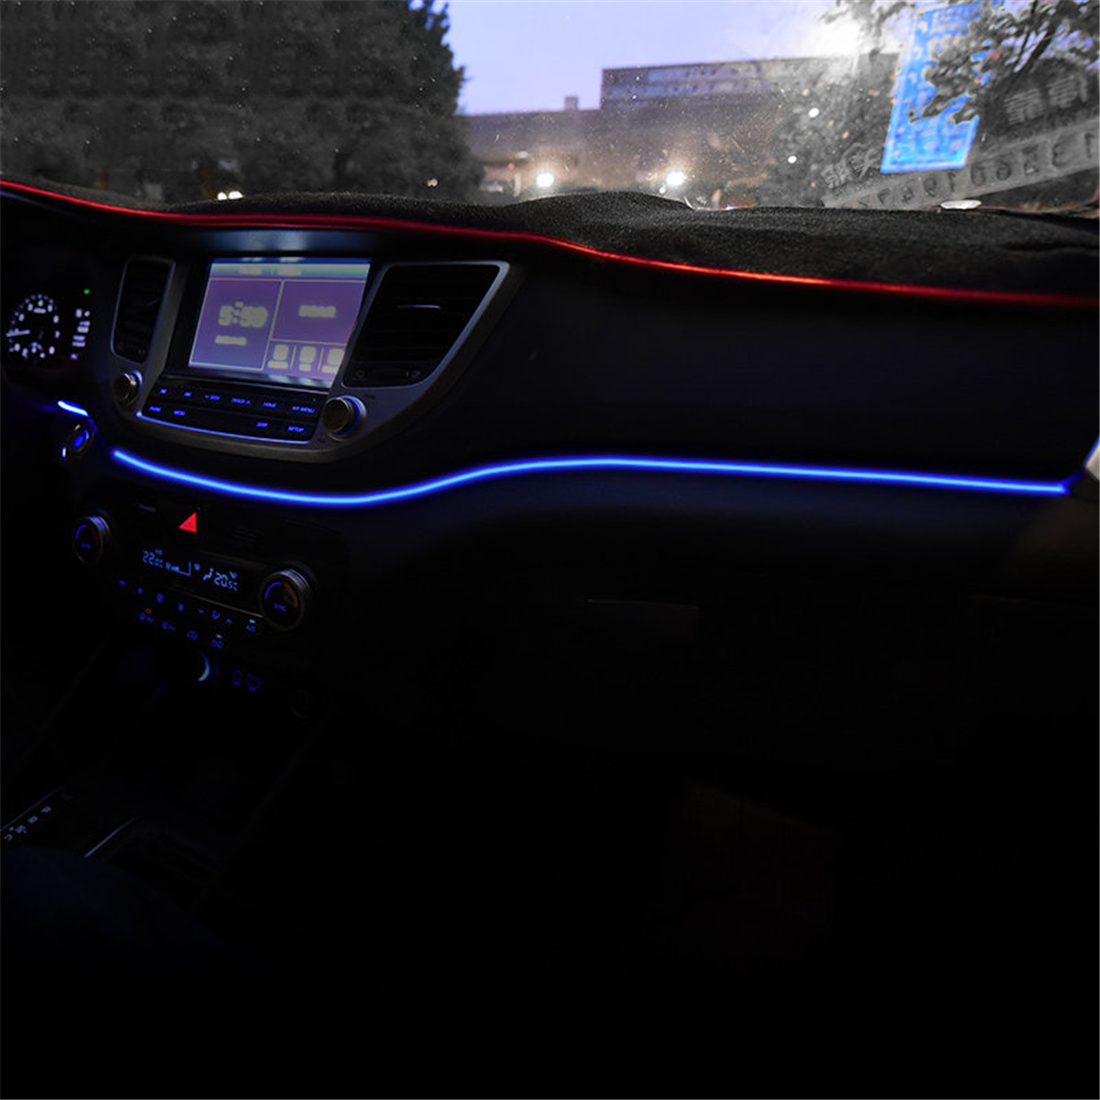 Panneau de bord garniture atmosphère lumière pour Hyundai Tucson 2015 2016 intérieur LED bleu tableau de bord cadre lumière pour Tucson 2017 2018